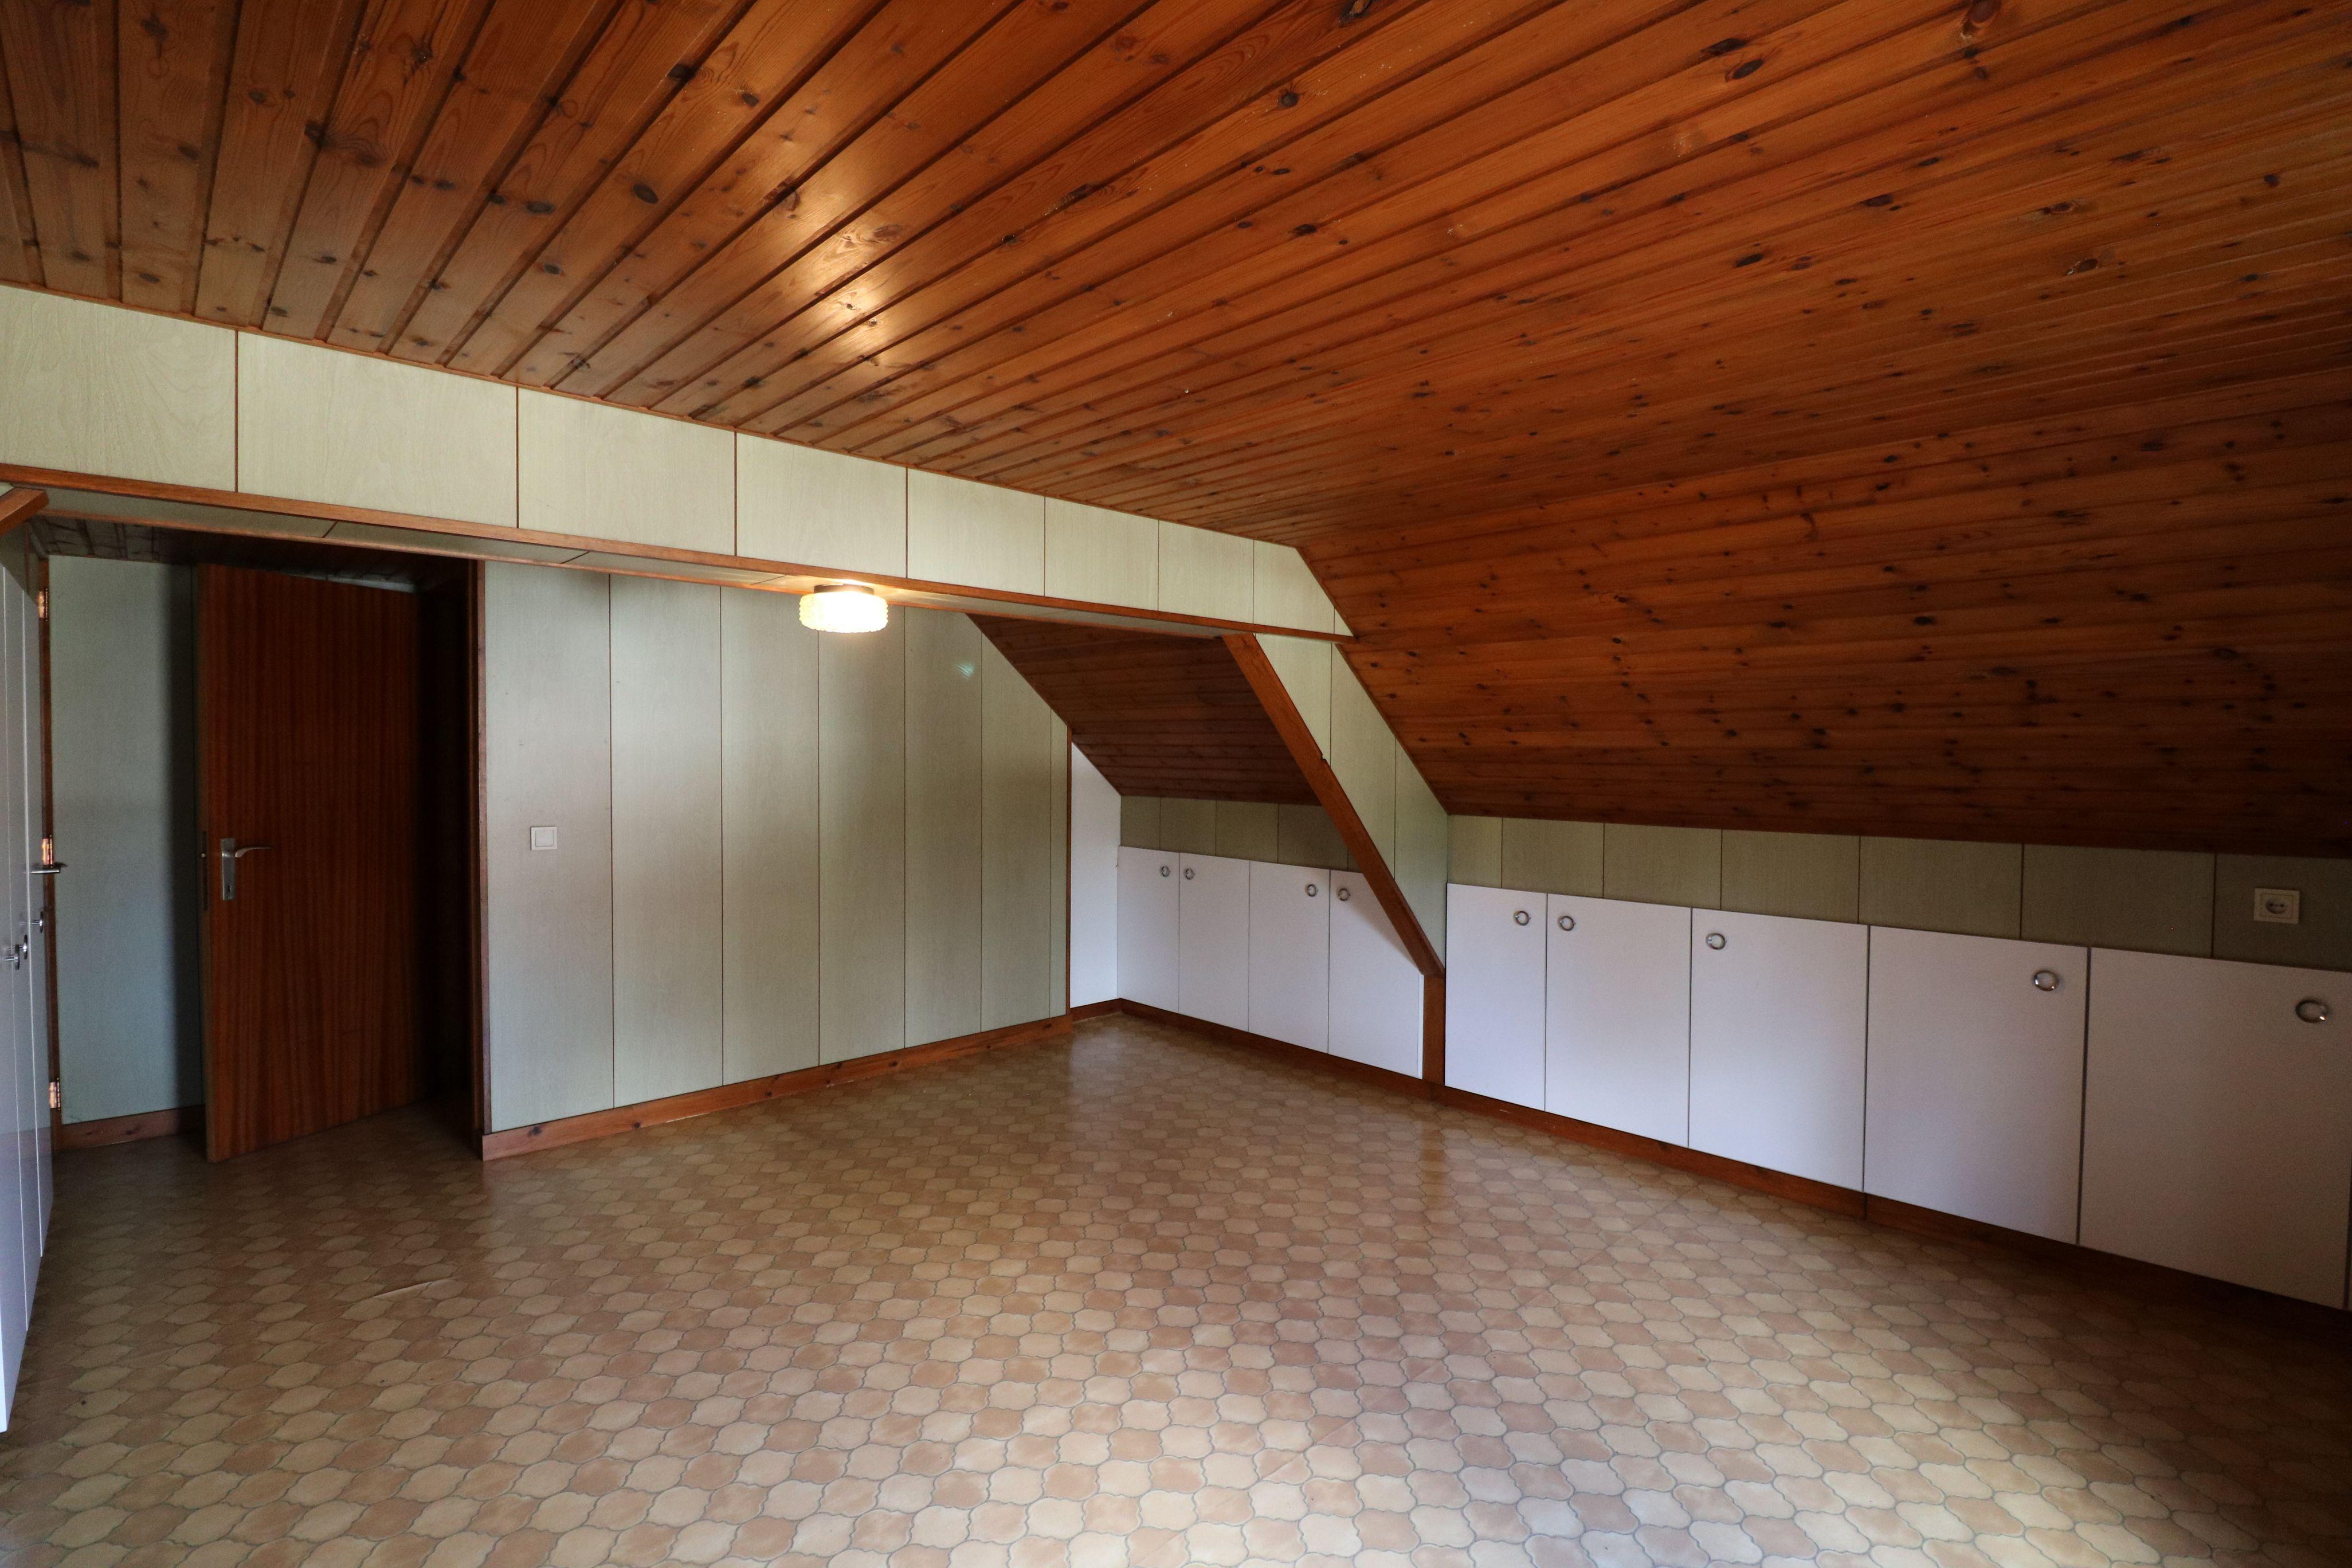 Zolderkamer 2